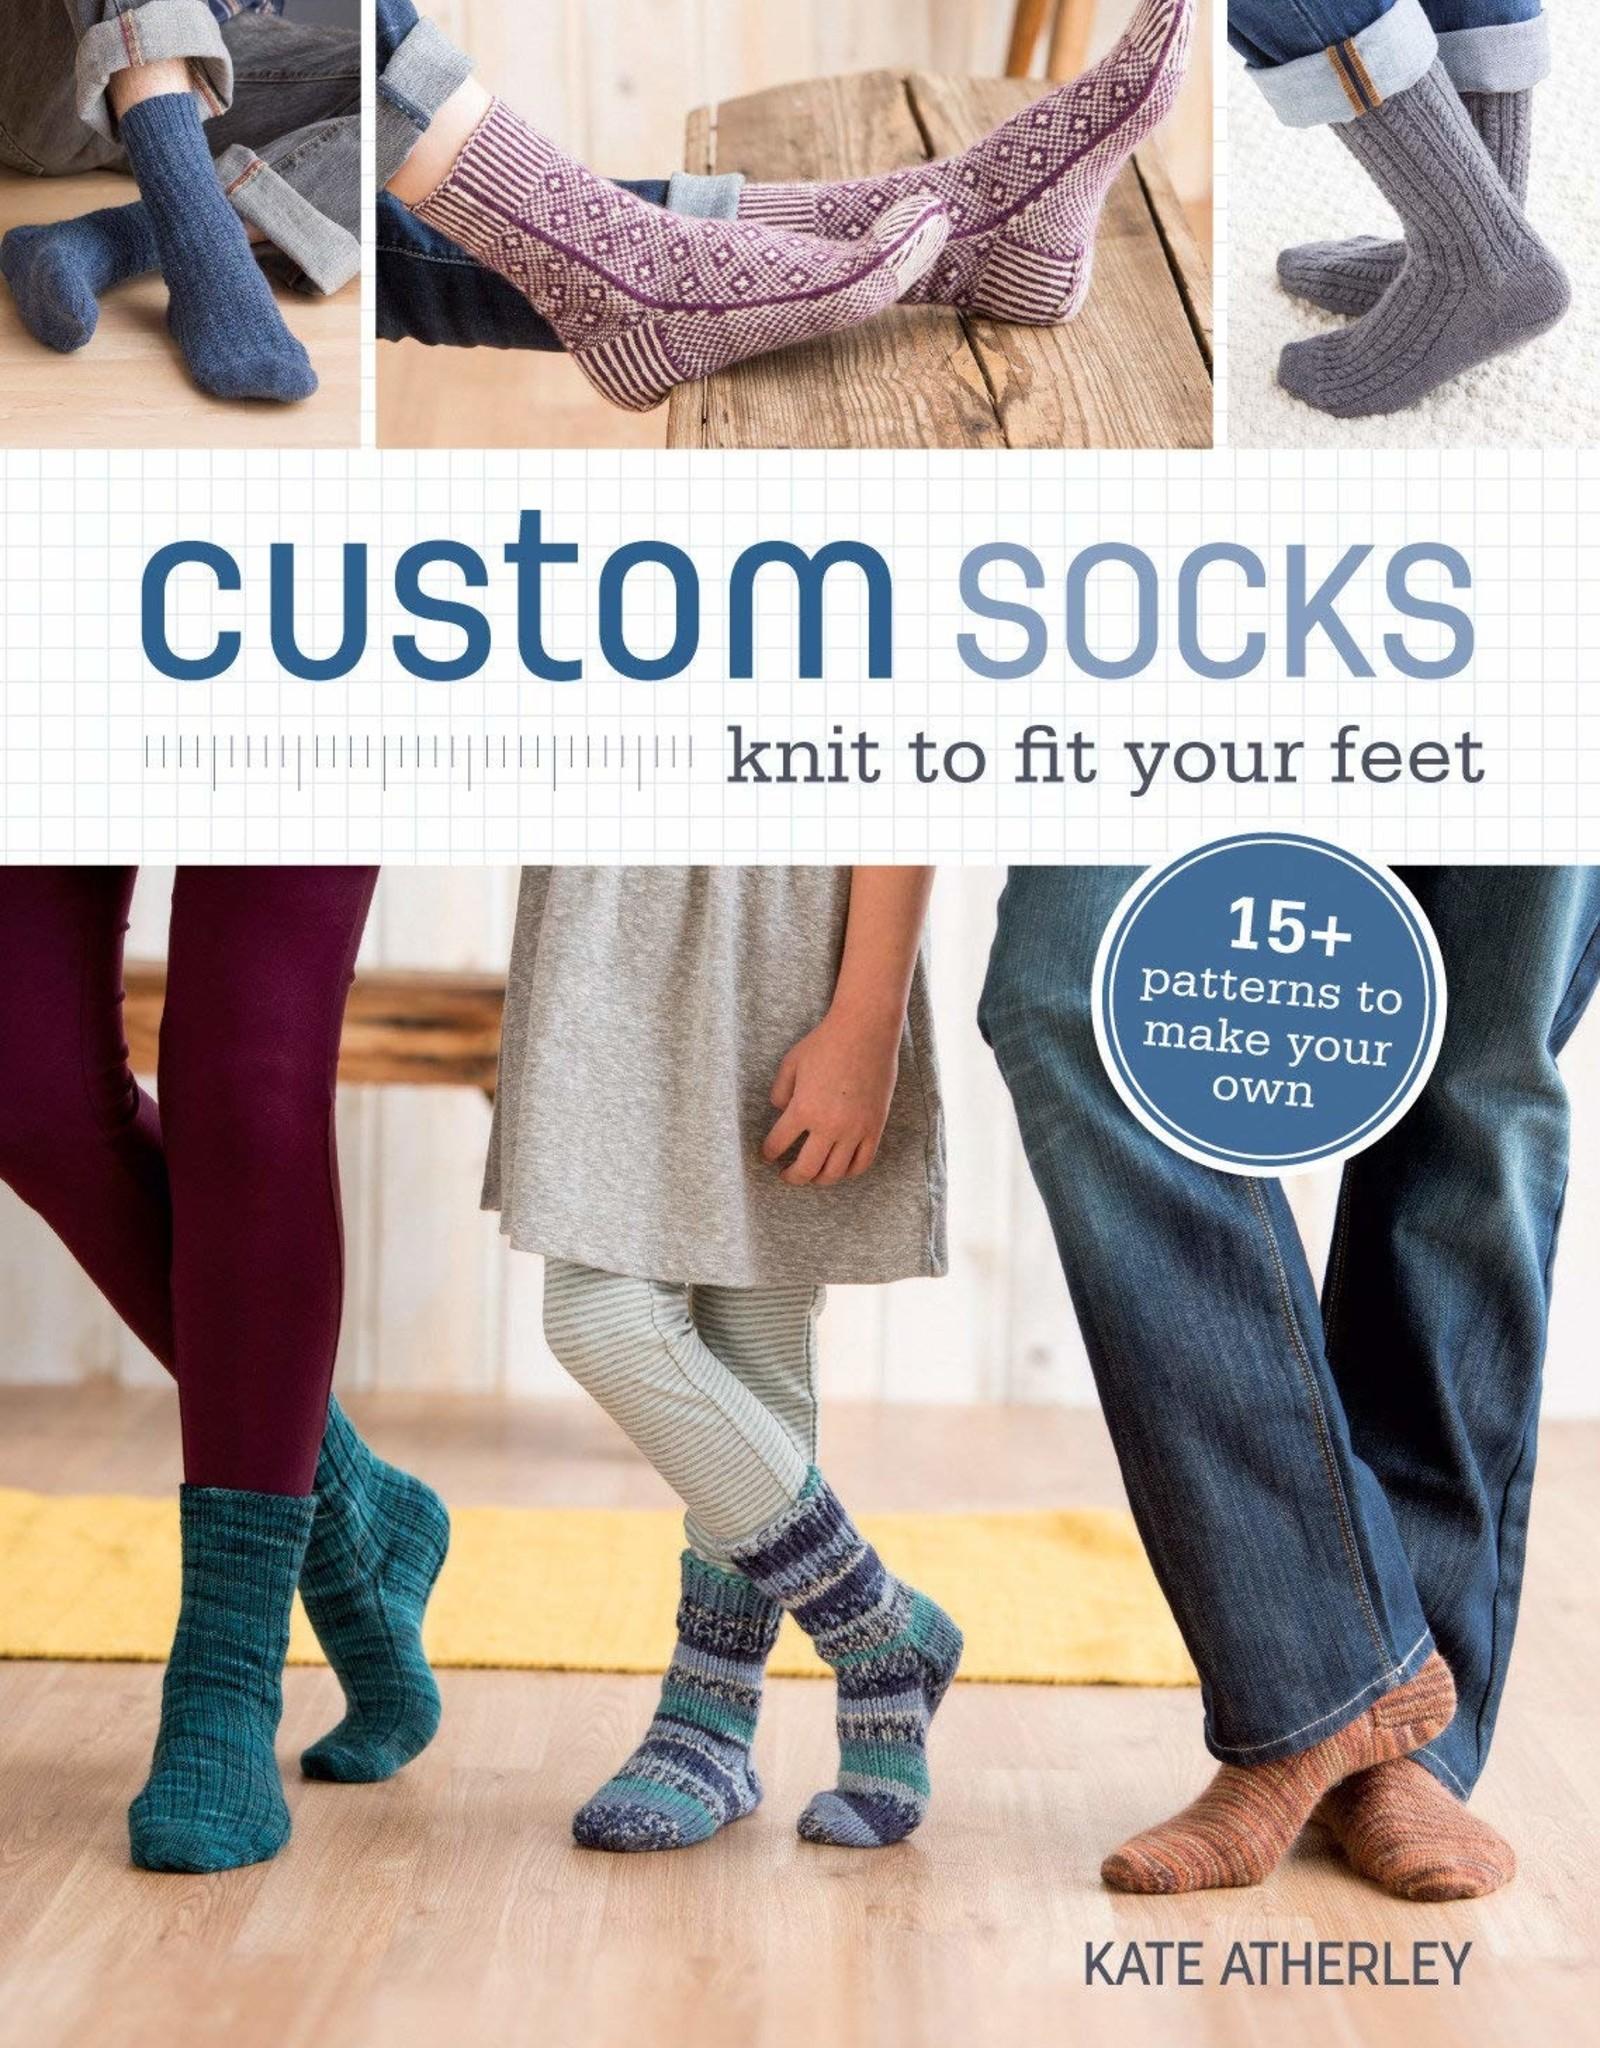 Ingram Custom Socks: knit to fit your feet